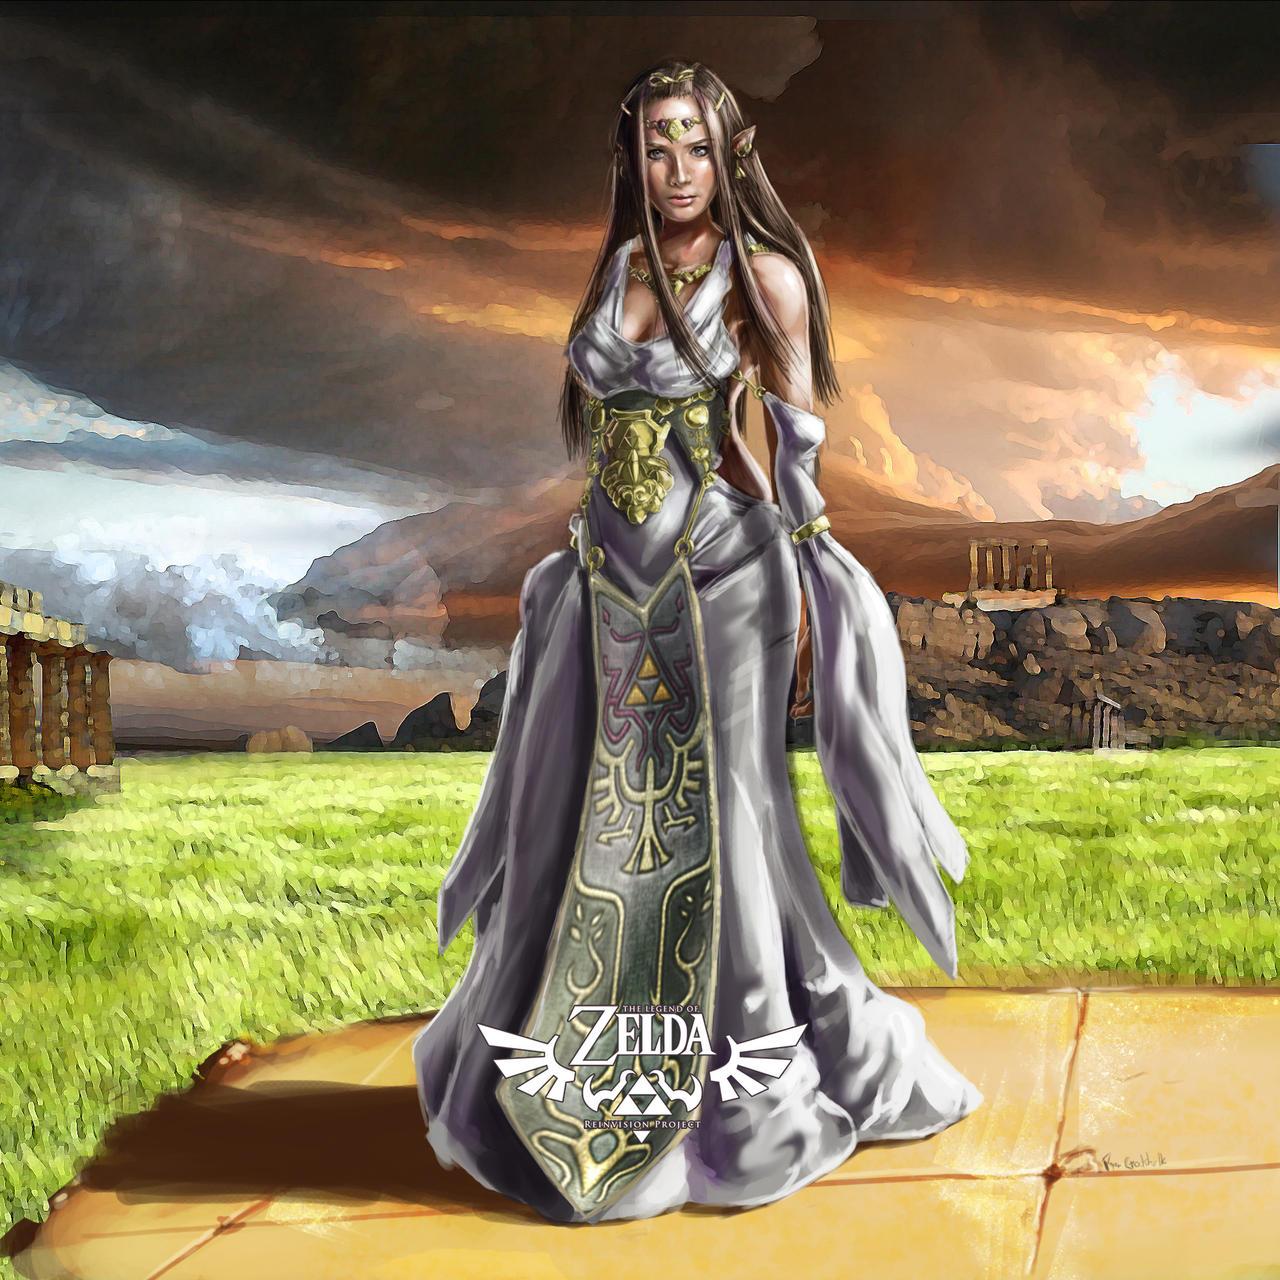 Legend of Zelda: Zelda Concept